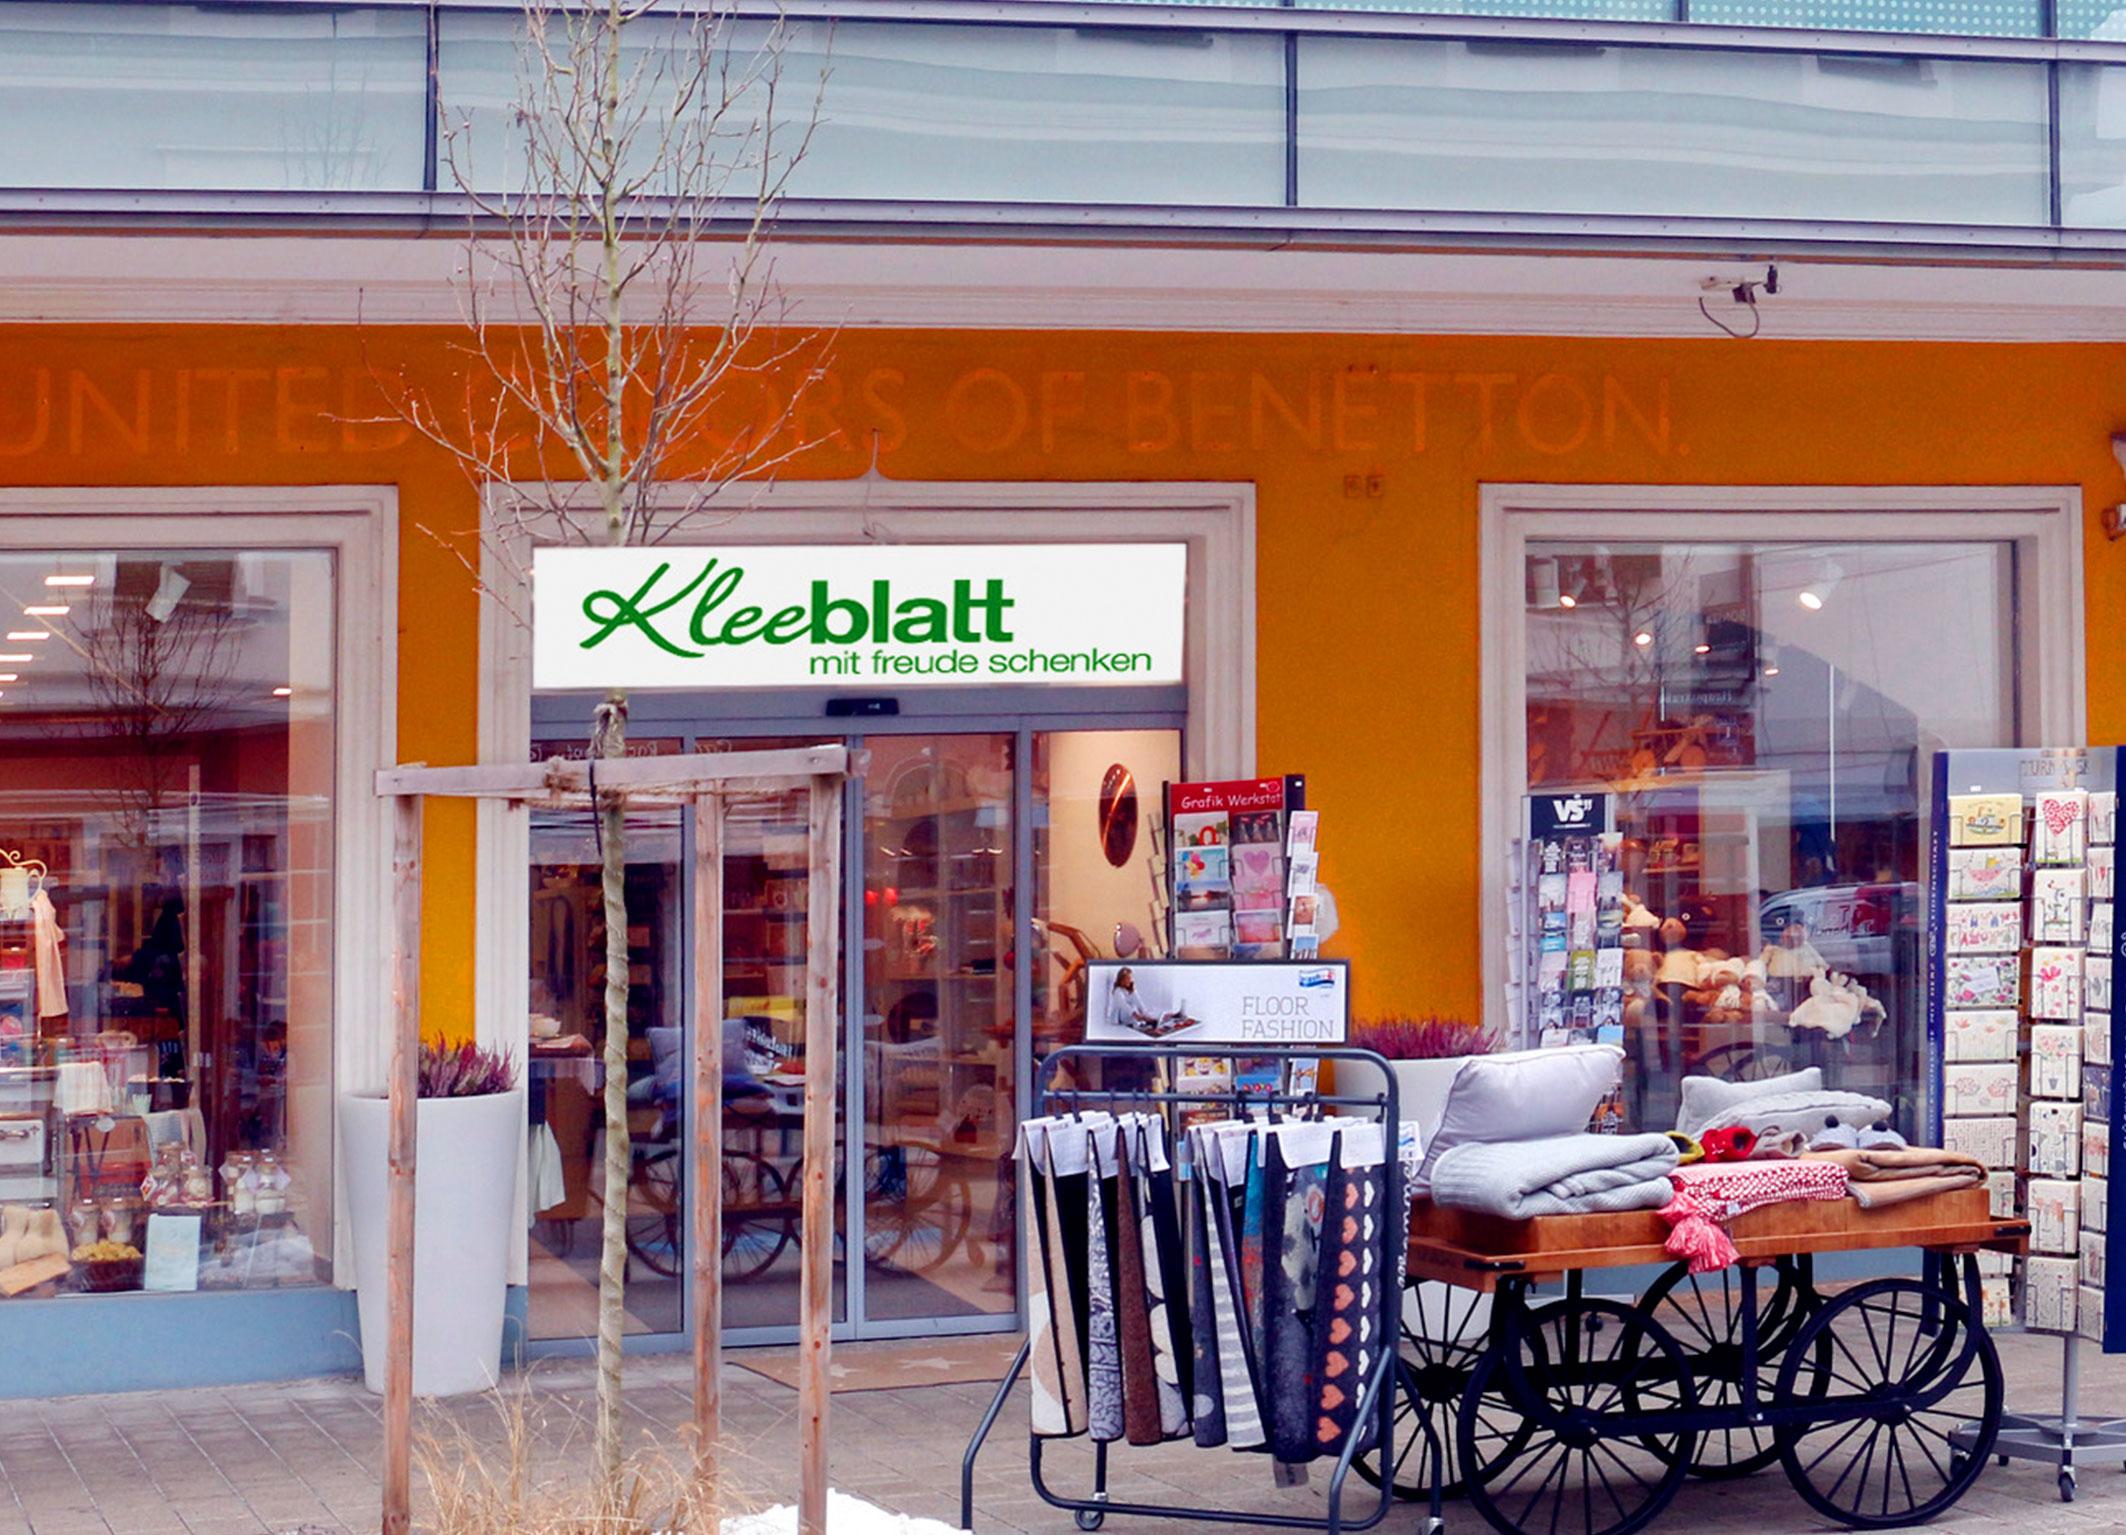 kleeblatt_neu